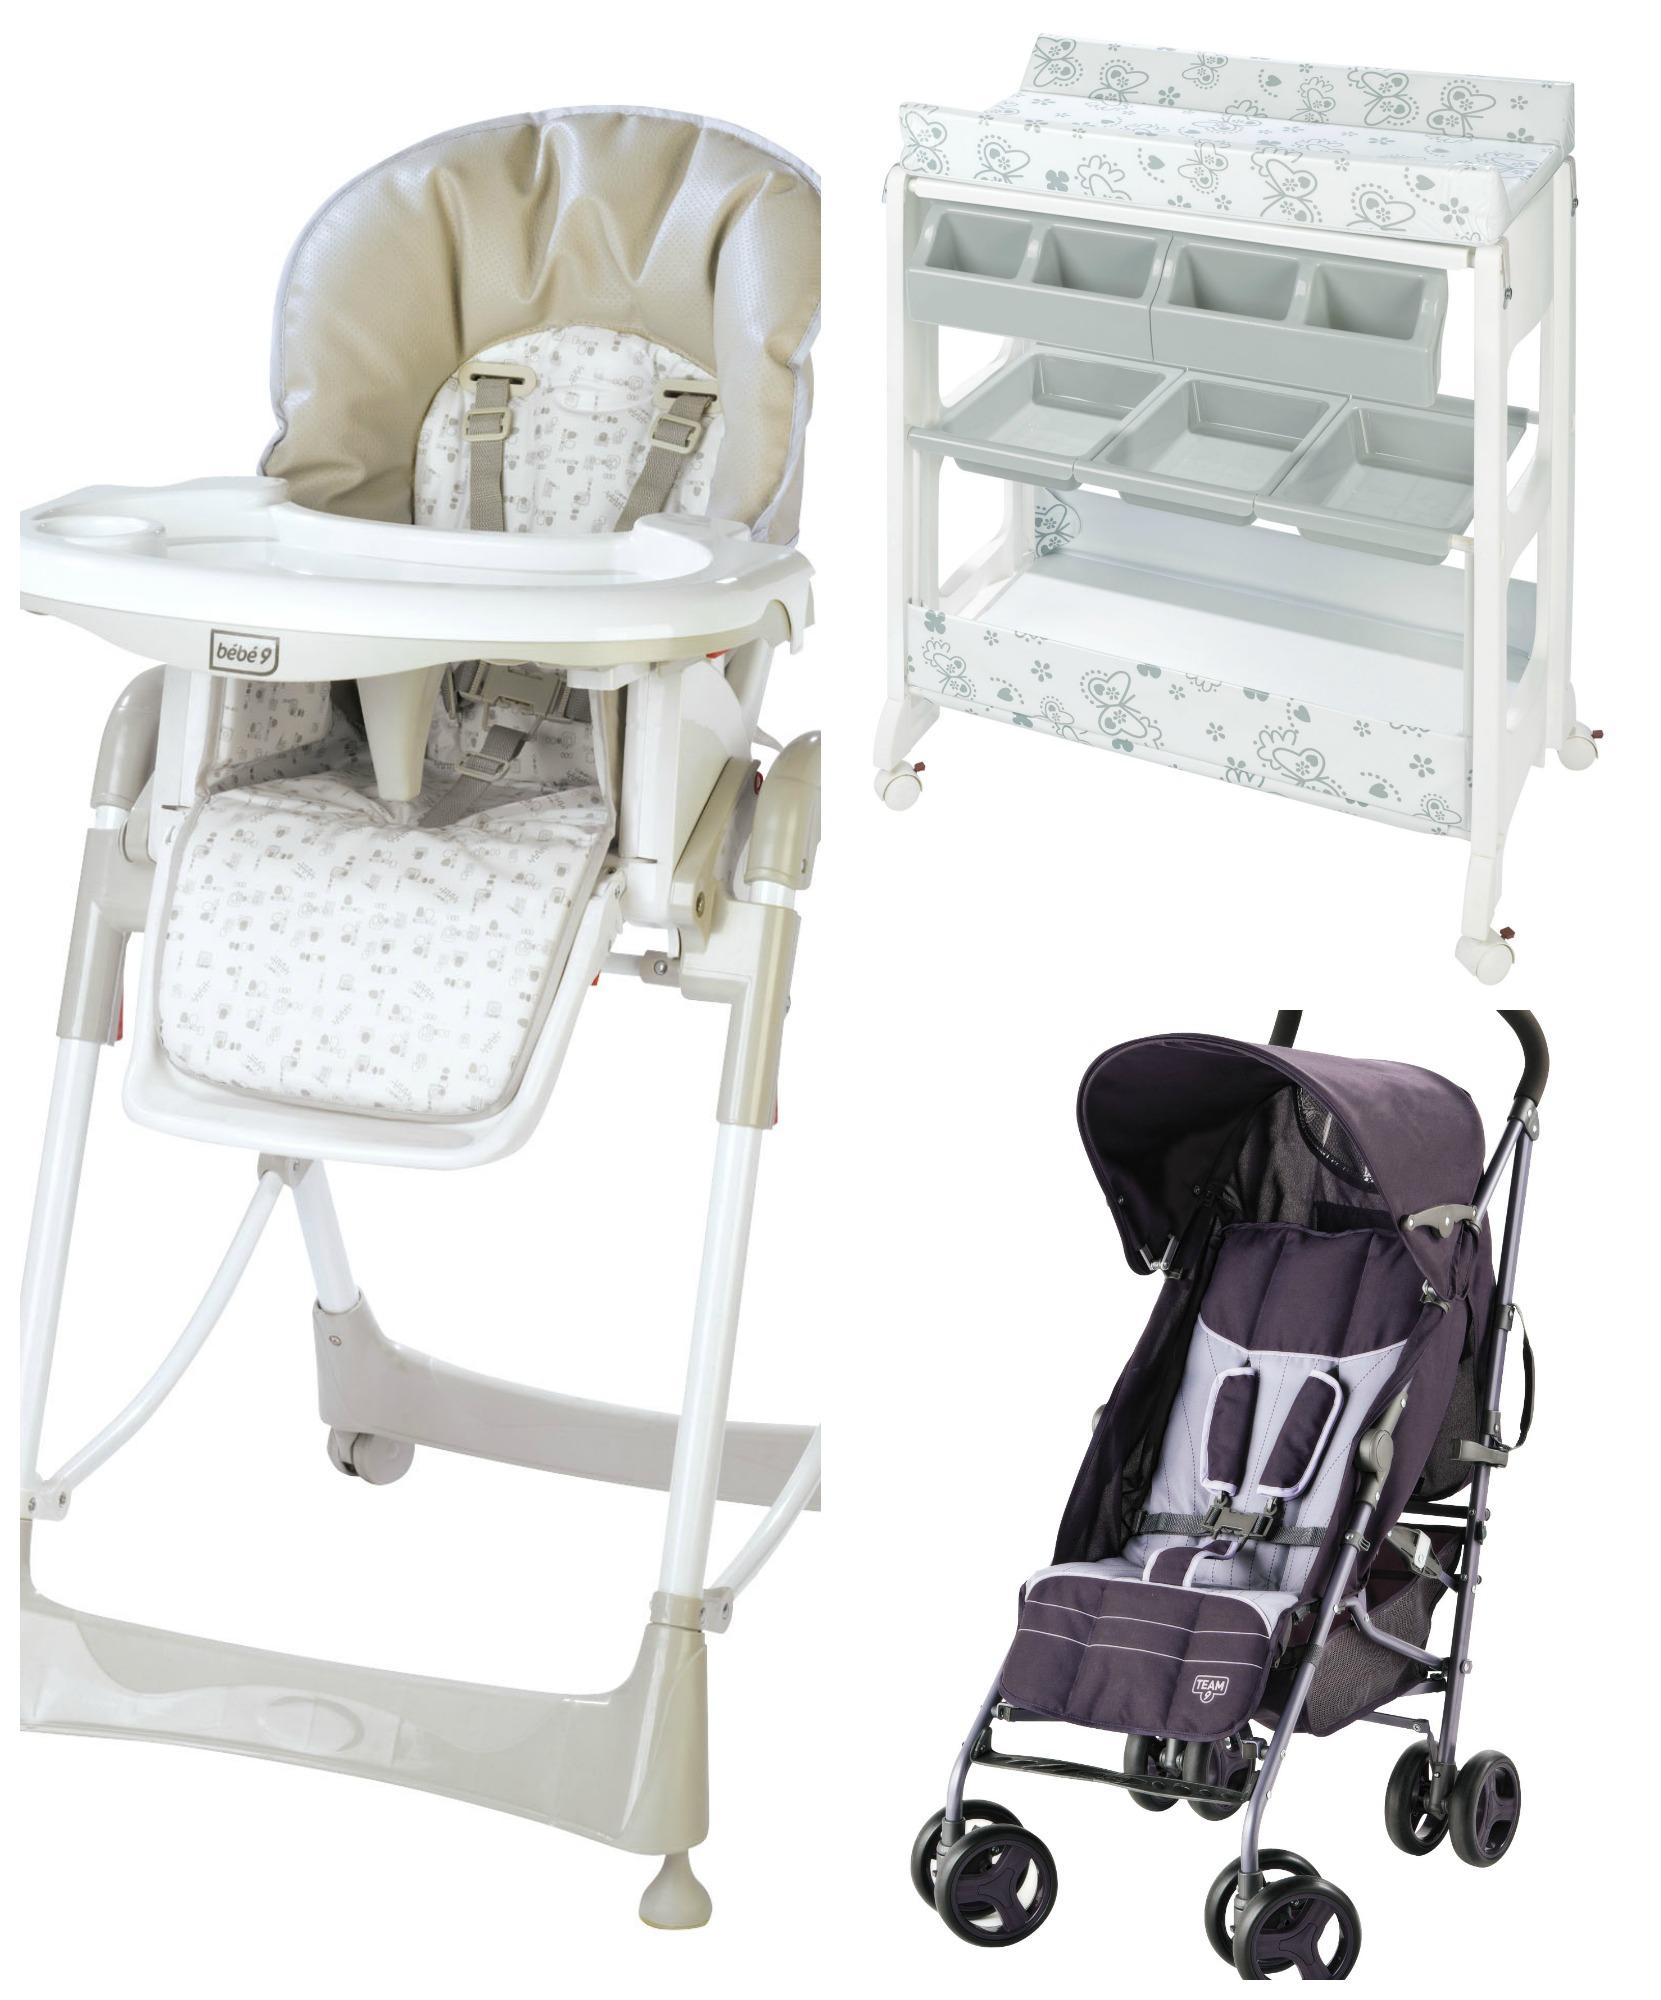 lumi re sur b b 9 maman floutch blog pour mamans parents de jumeaux clermont ferrand. Black Bedroom Furniture Sets. Home Design Ideas